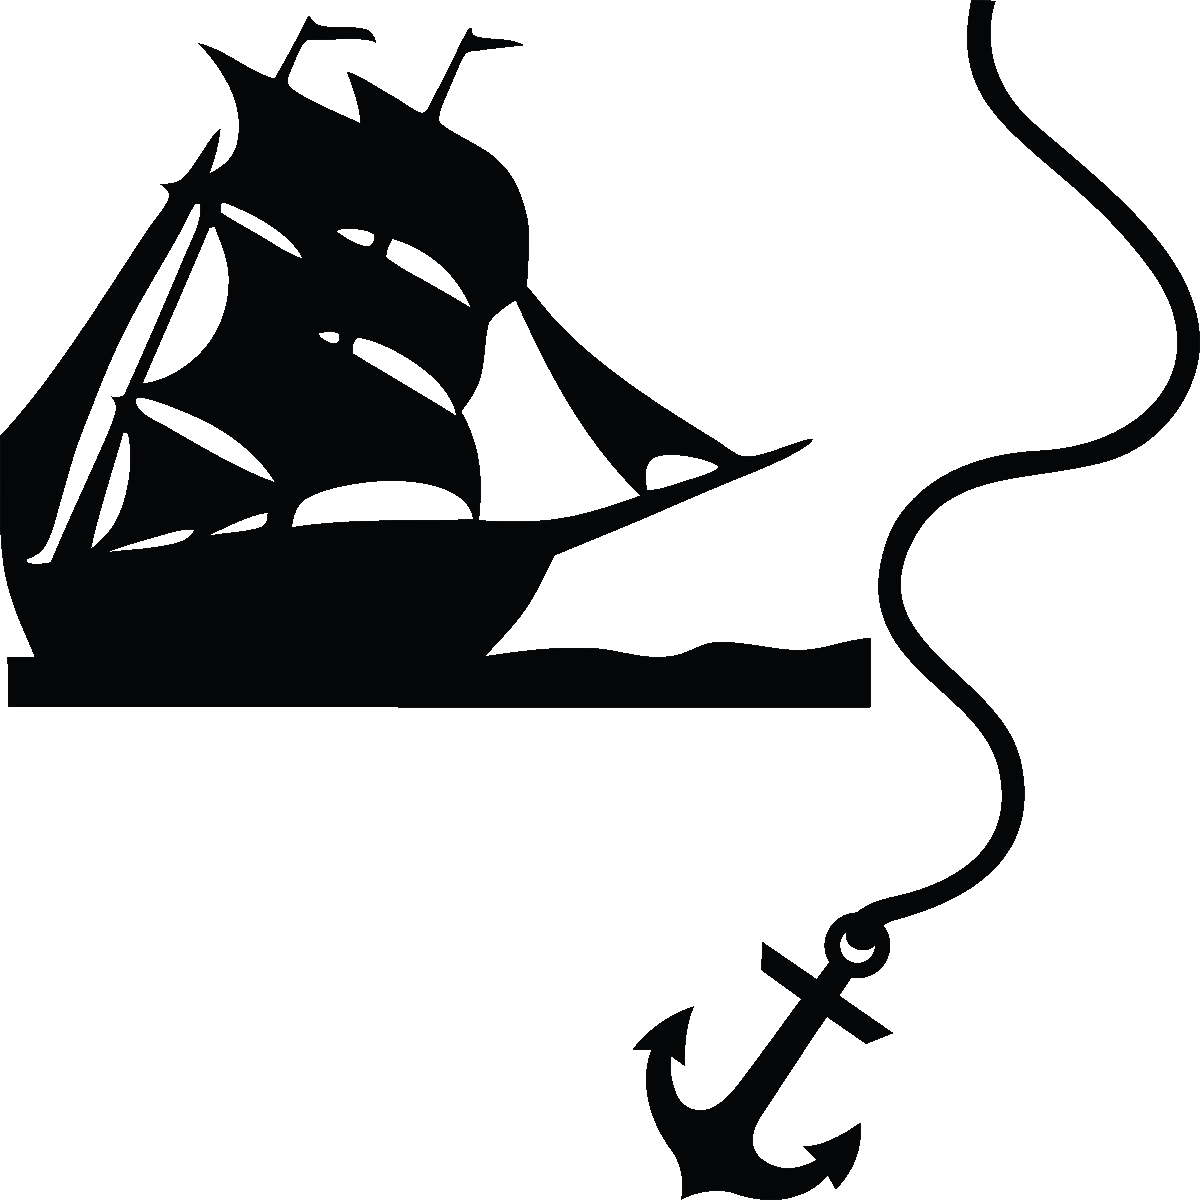 Ancre De Bateau Dessin stickers muraux pour wc - sticker mural ancre bateau | ambiance